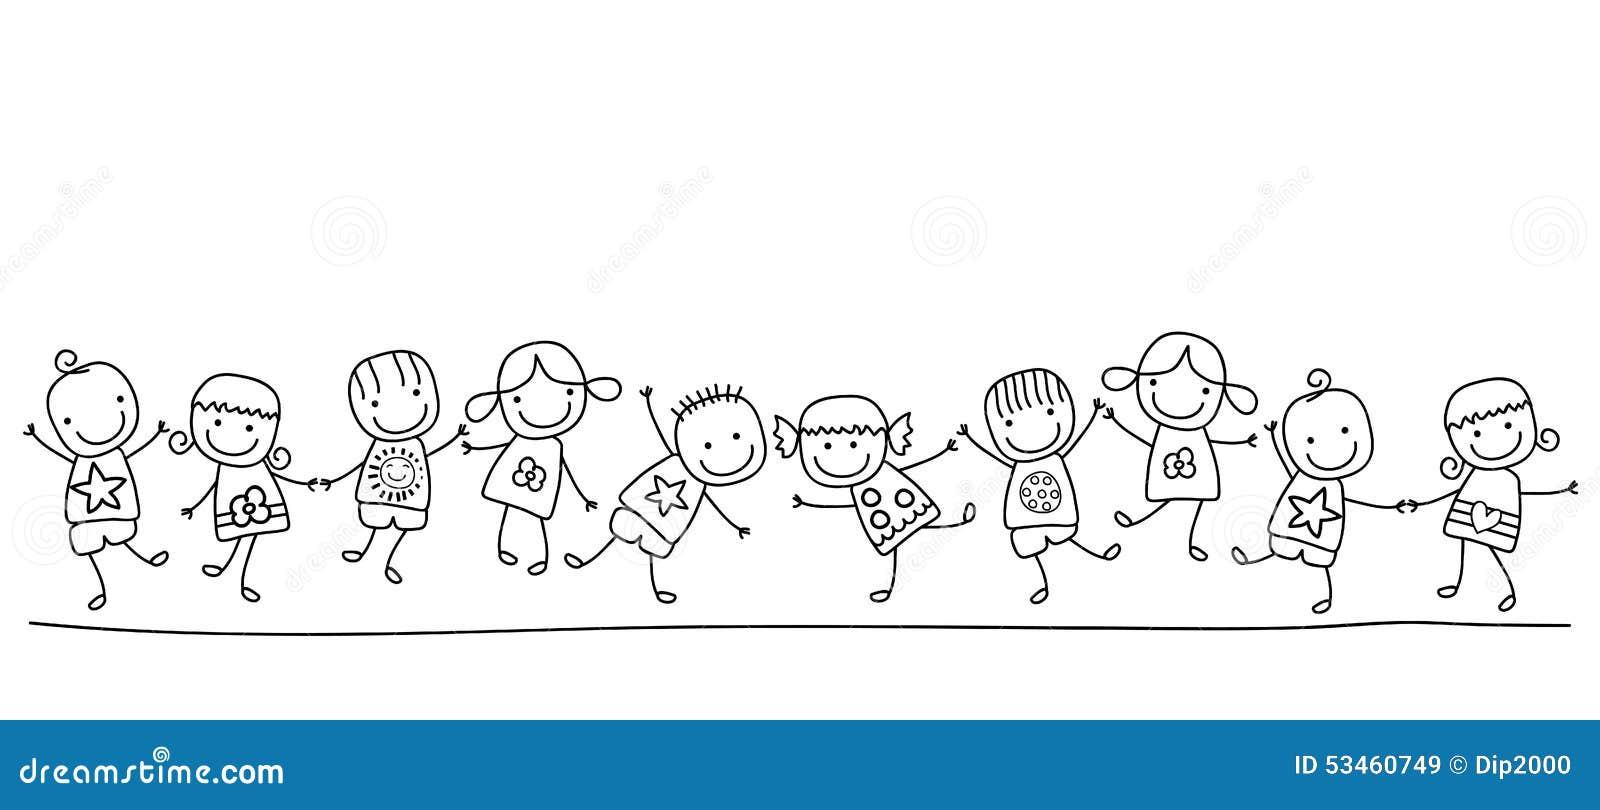 10 Disegno Da Colorare Bambini In Fila | Migliori Pagine da ...